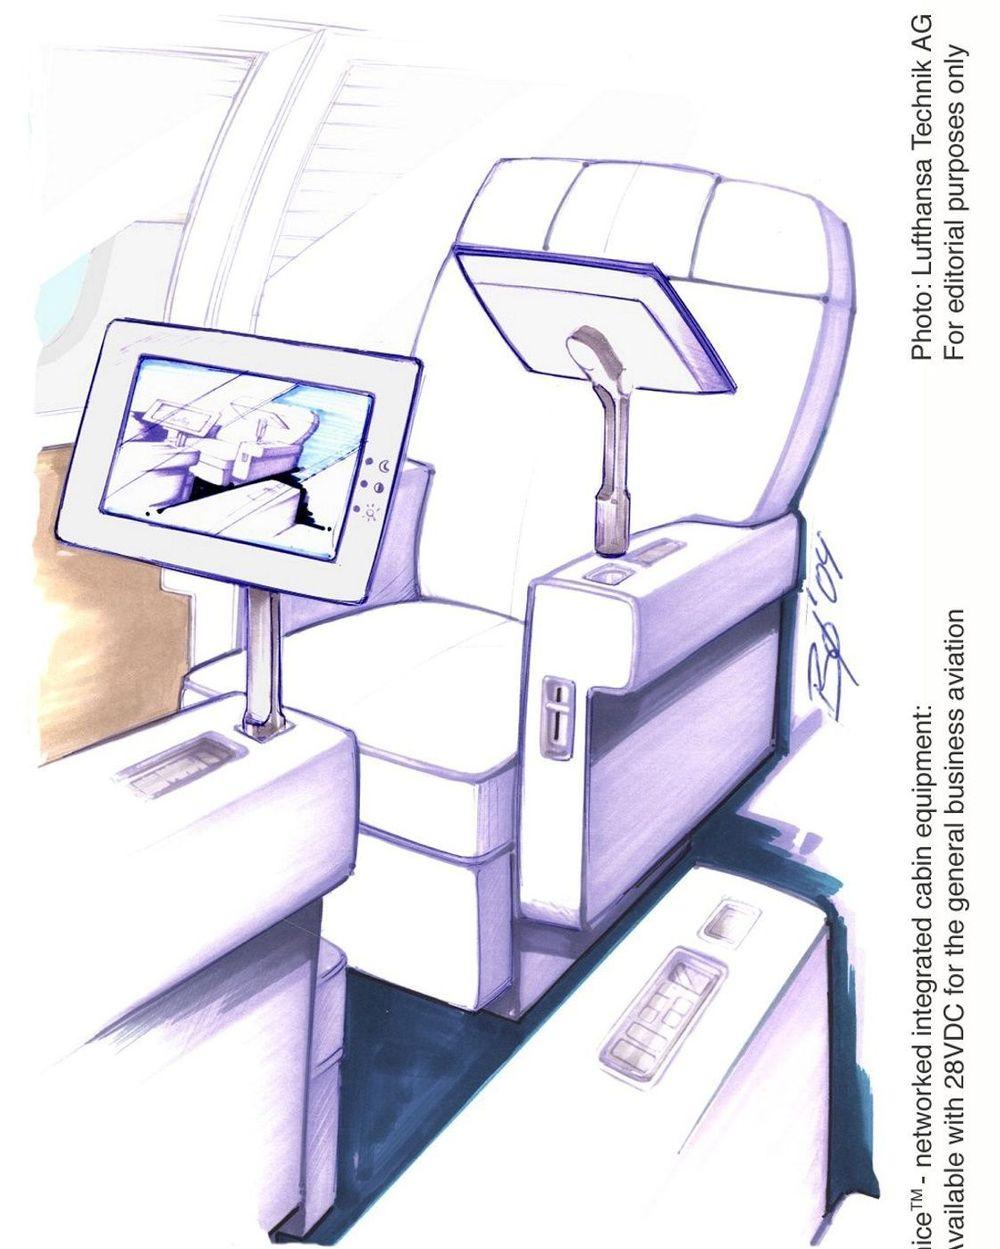 MULTIMEDIA: Det nye ombordsystemet som Lufthansa Technik utvikler skal bestå av en PCU (Passenger Control Unit) og et Plug-In Display PiD). FOTO: LUFTHANSA